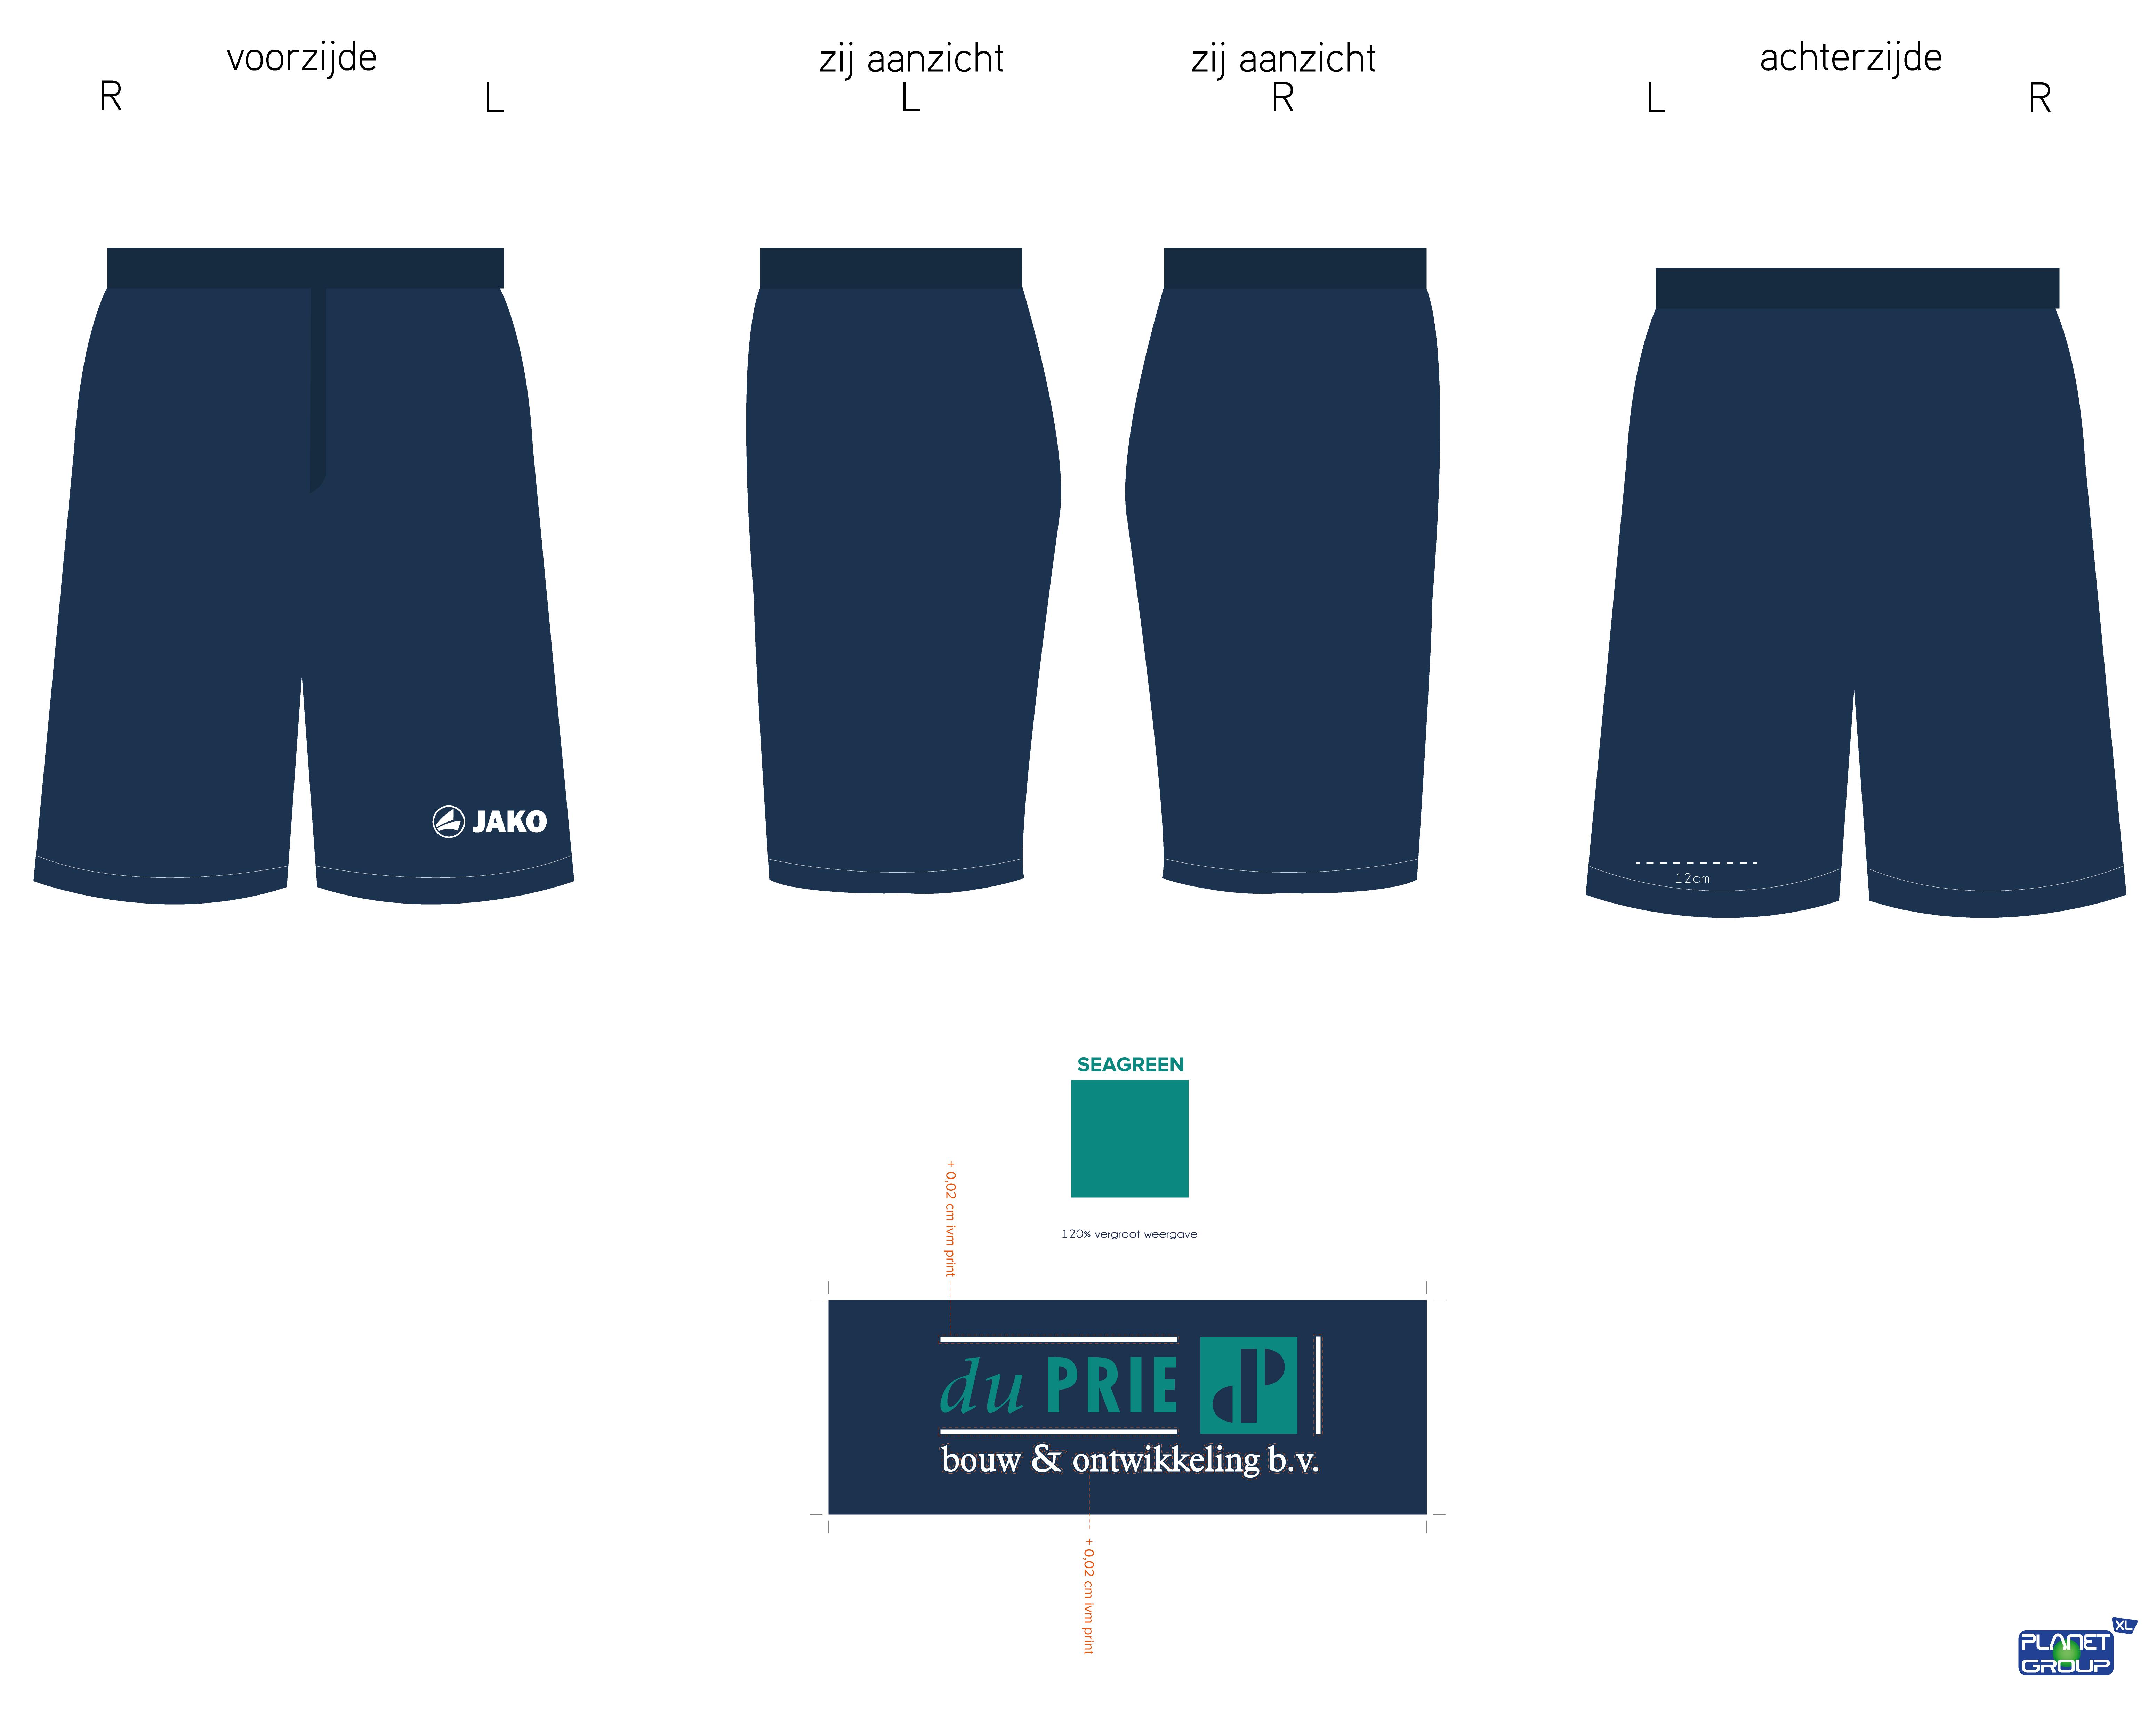 Duprie2_blue_T-Shirt_broek_proefdrukken